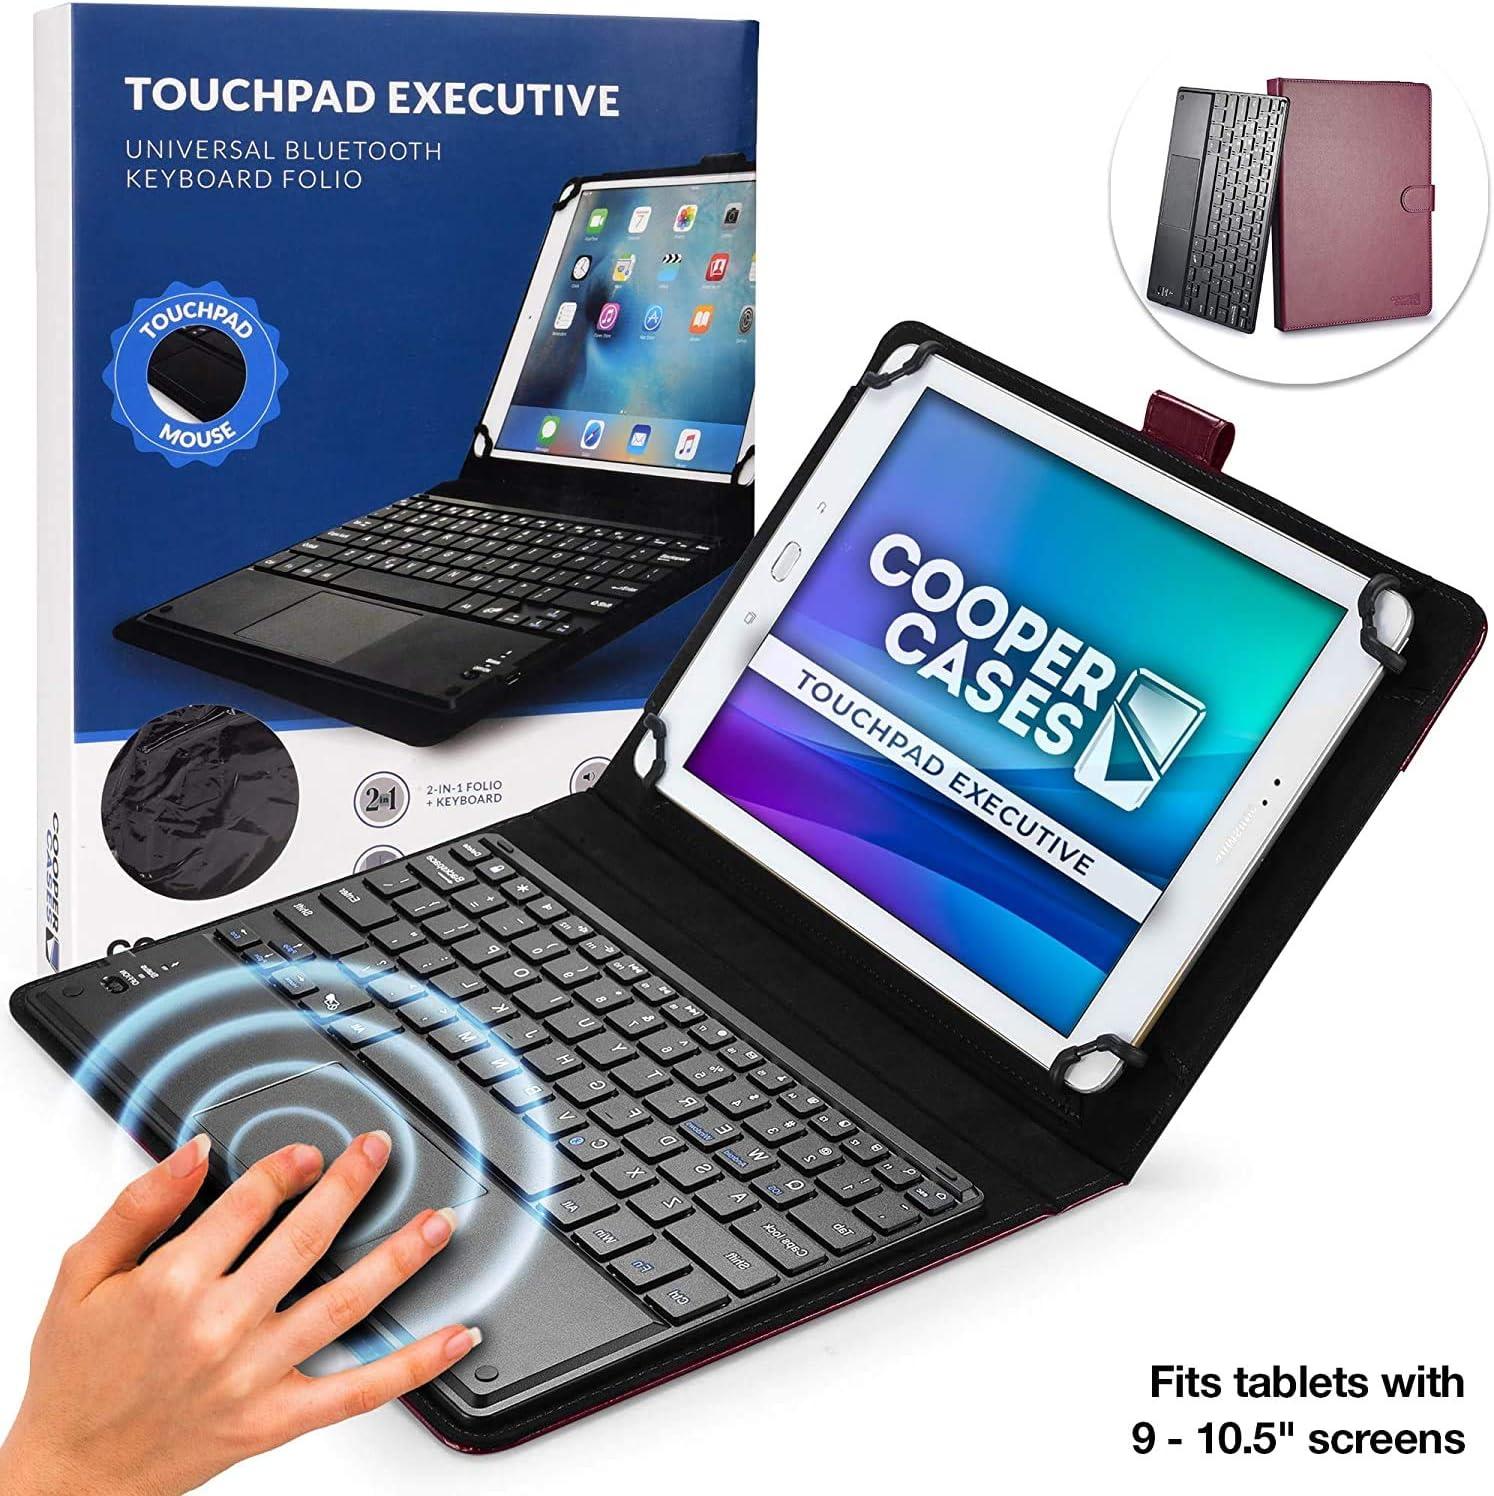 Funda-Teclado 9-10.1, Funda-Teclado, Cooper TOUCHPAD Executive Funda 2 en 1, Cuero Teclado, ratón inalámbrico Bluetooth, Soporte (Morado)